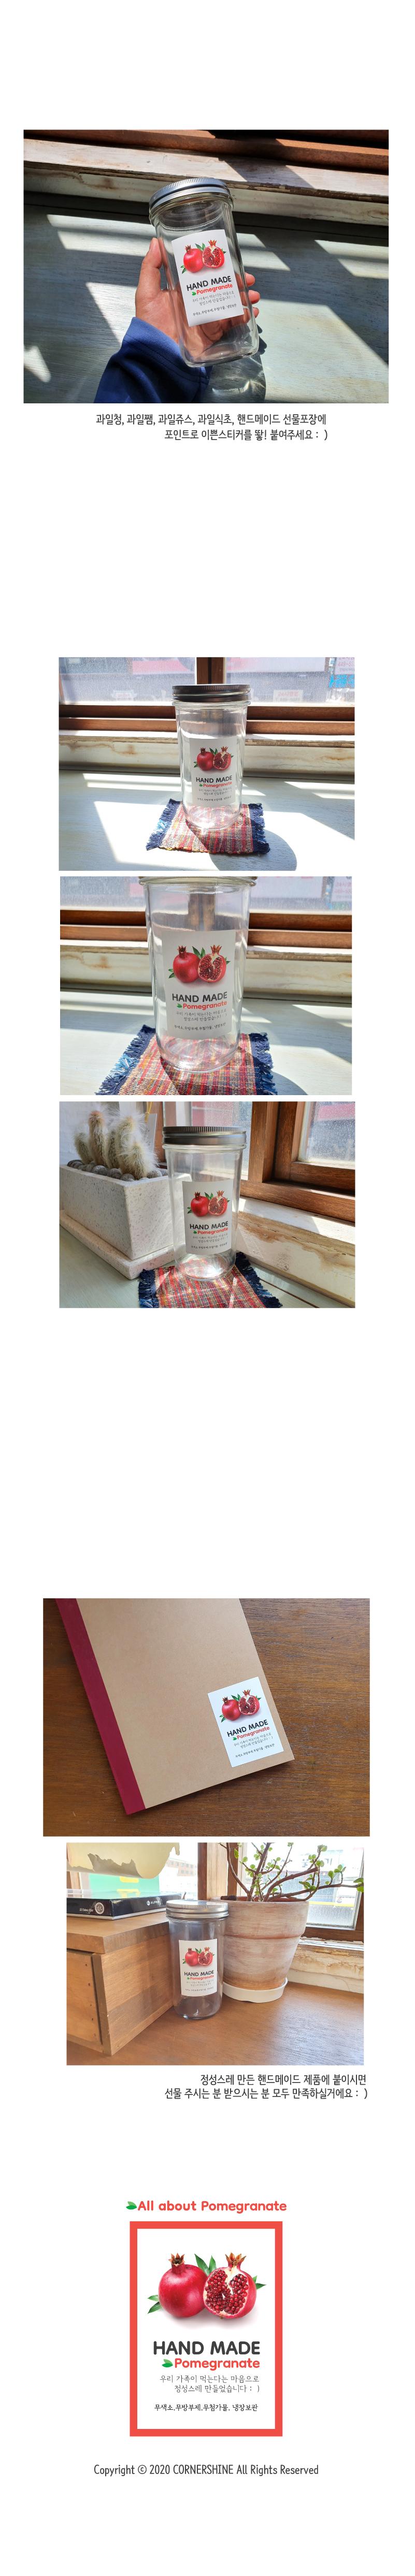 석류청 석류스티커 (10매) 수제청 과일청 포장스티커 - 코너스샤인, 1,200원, 스티커, 기프트라벨스티커